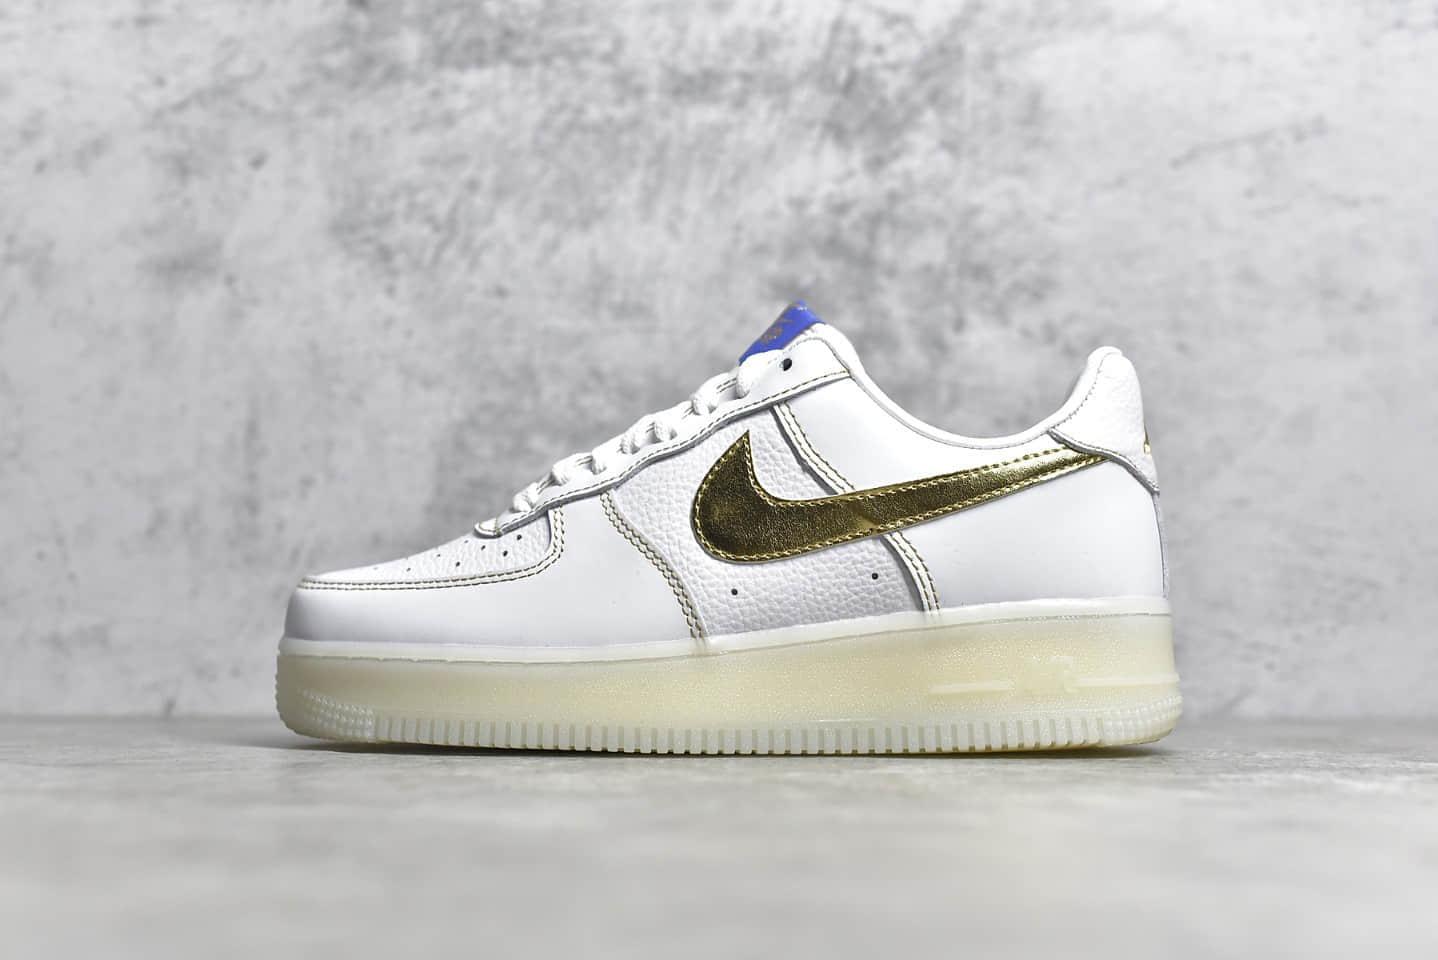 耐克空军洛杉矶限定纯原版本 Nike Air Force 1'07 Low 耐克空军一号白金荔枝皮低帮 货号:CJ1686-130-潮流者之家